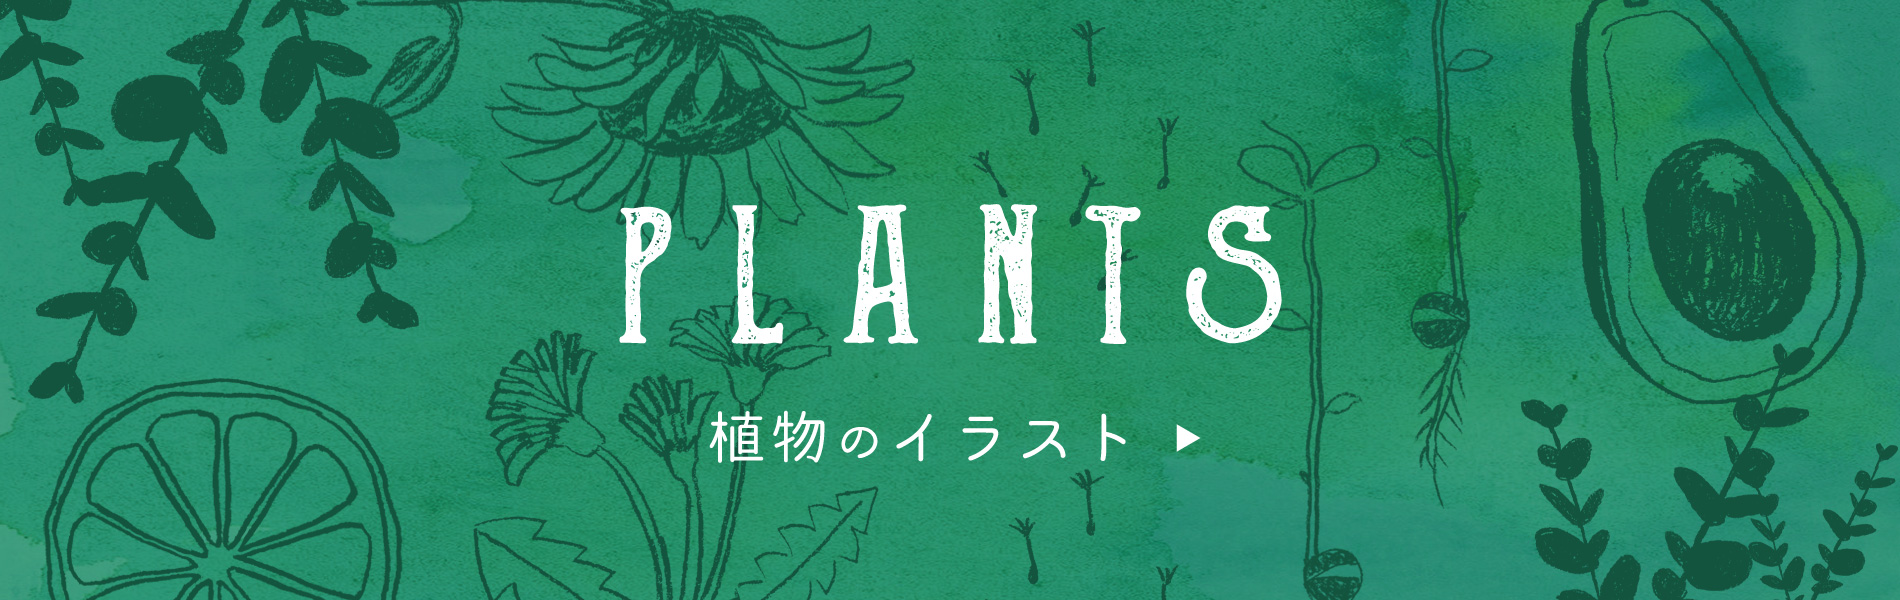 植物のイラストフリー素材